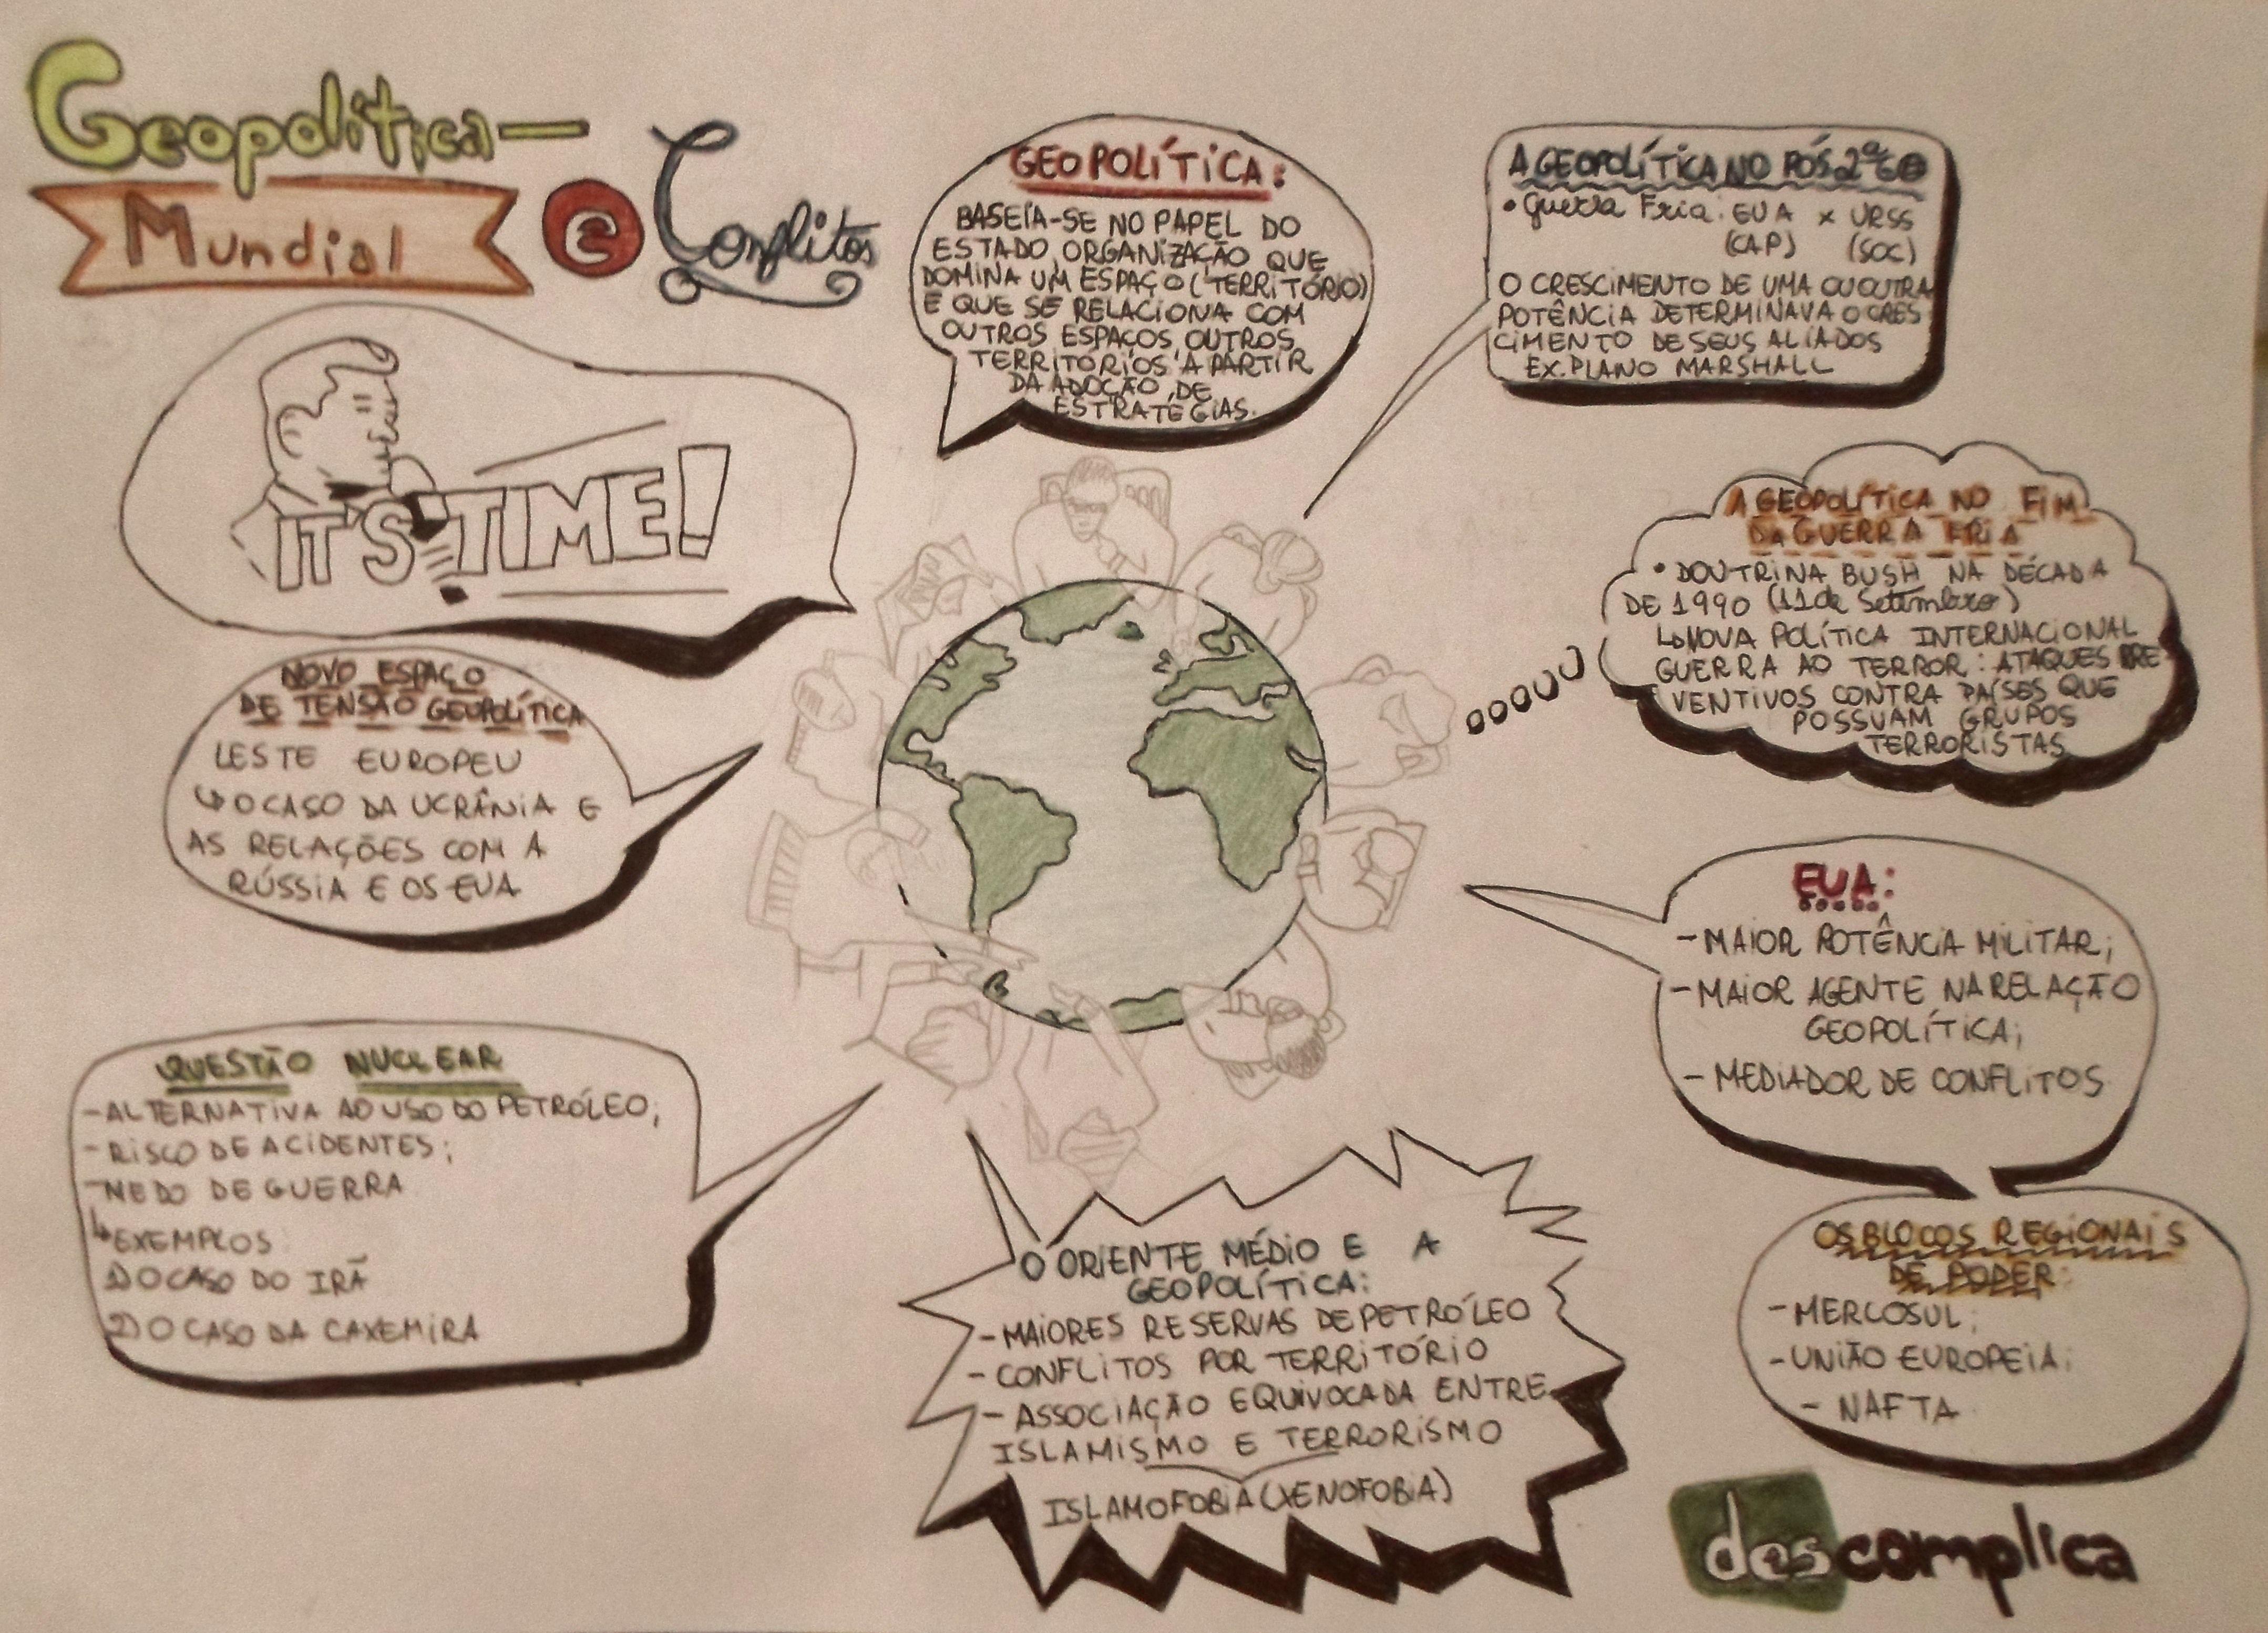 Mapa Mental Geopolitica Mundial E Conflitos Geografia Mapa